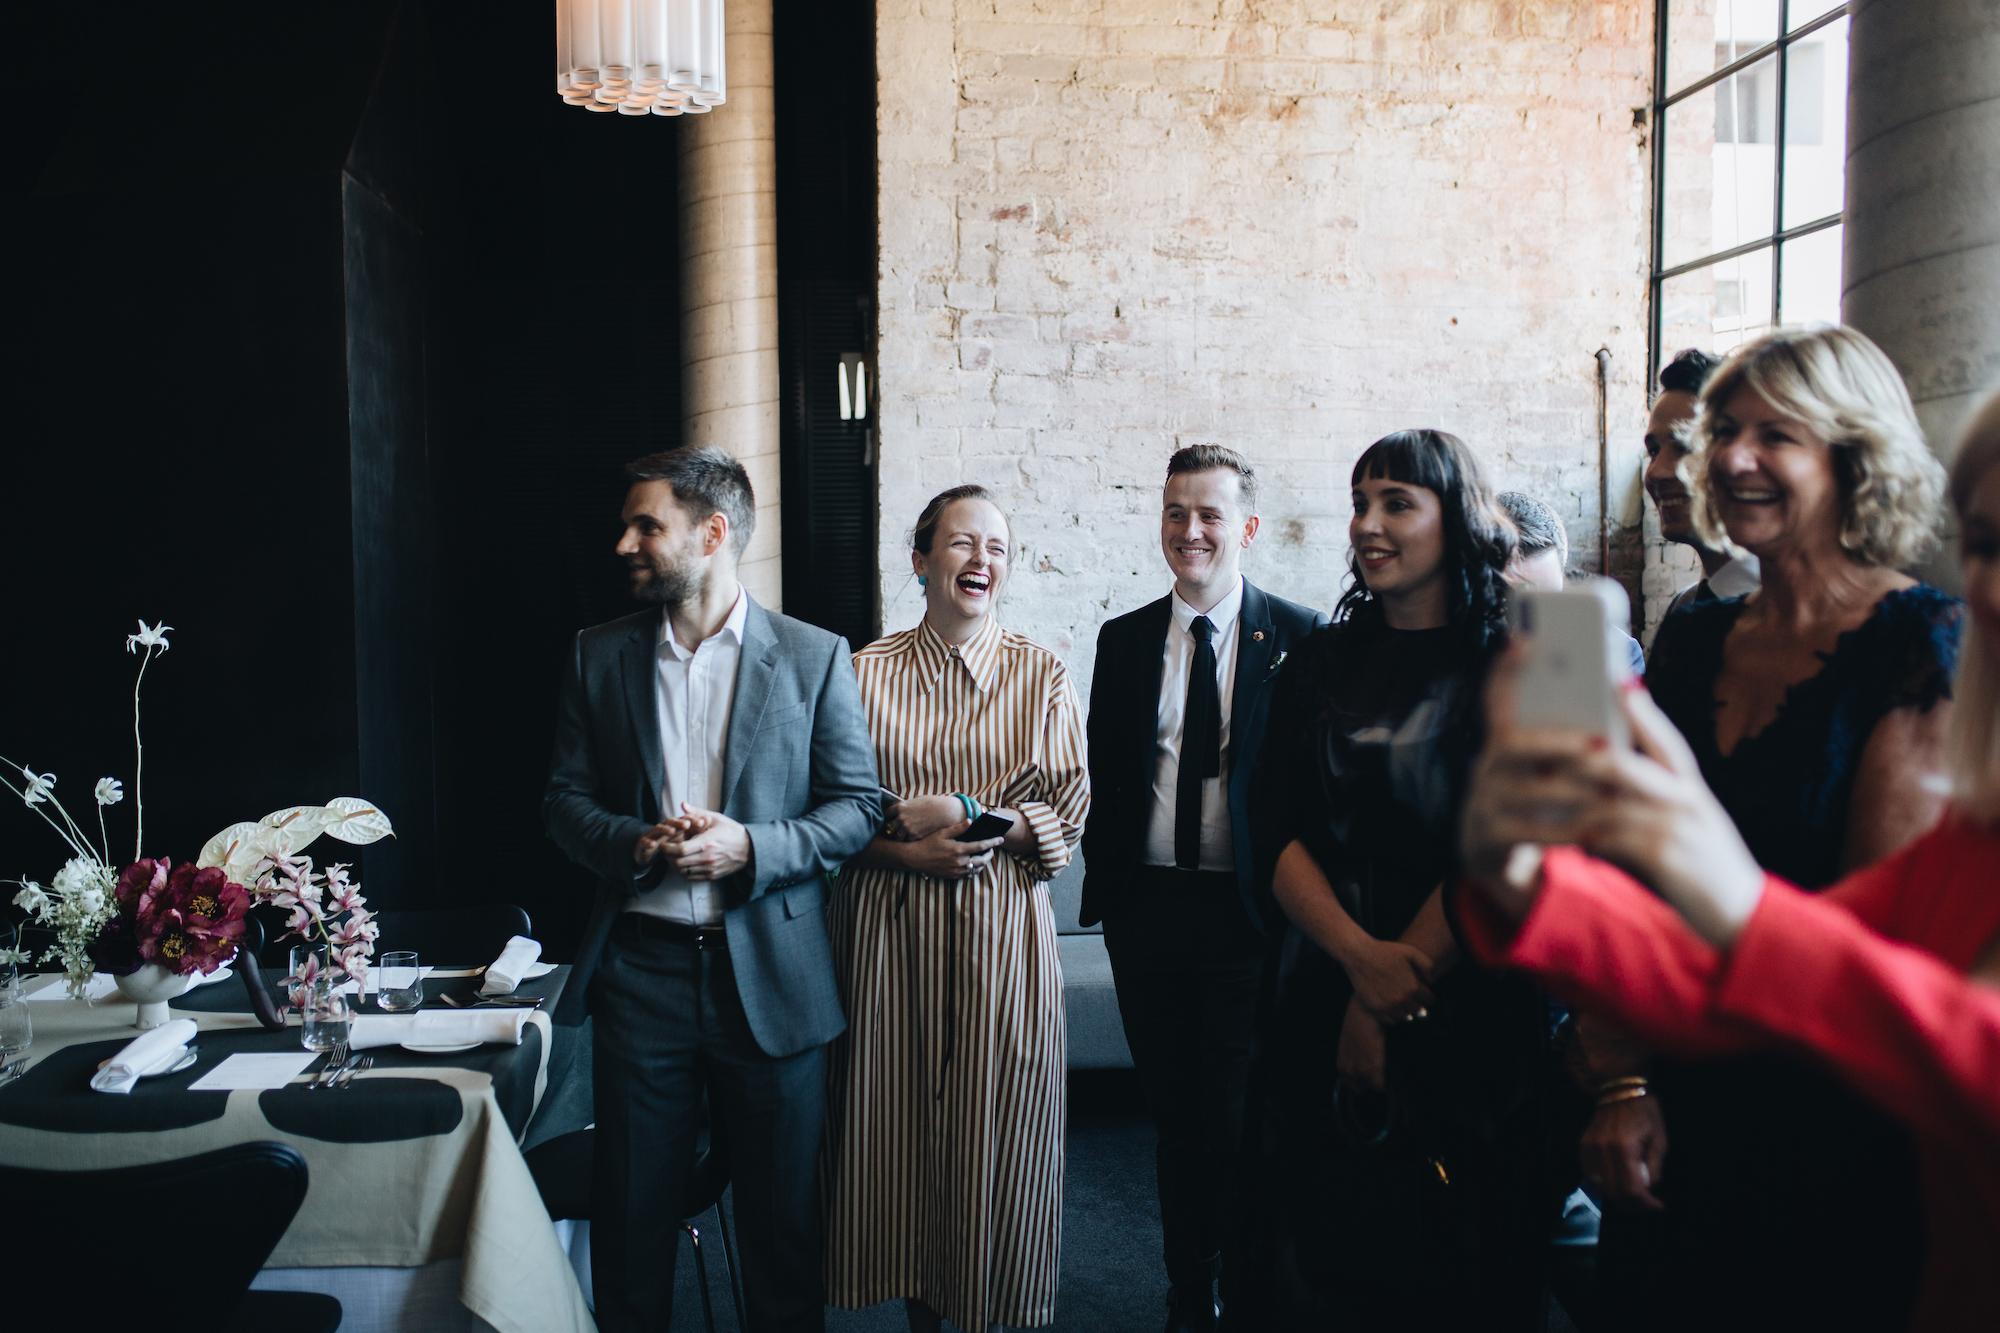 Mitch & Dane_Married 21 Oct 2018_Photo by Savannah van der Niet-124.jpg